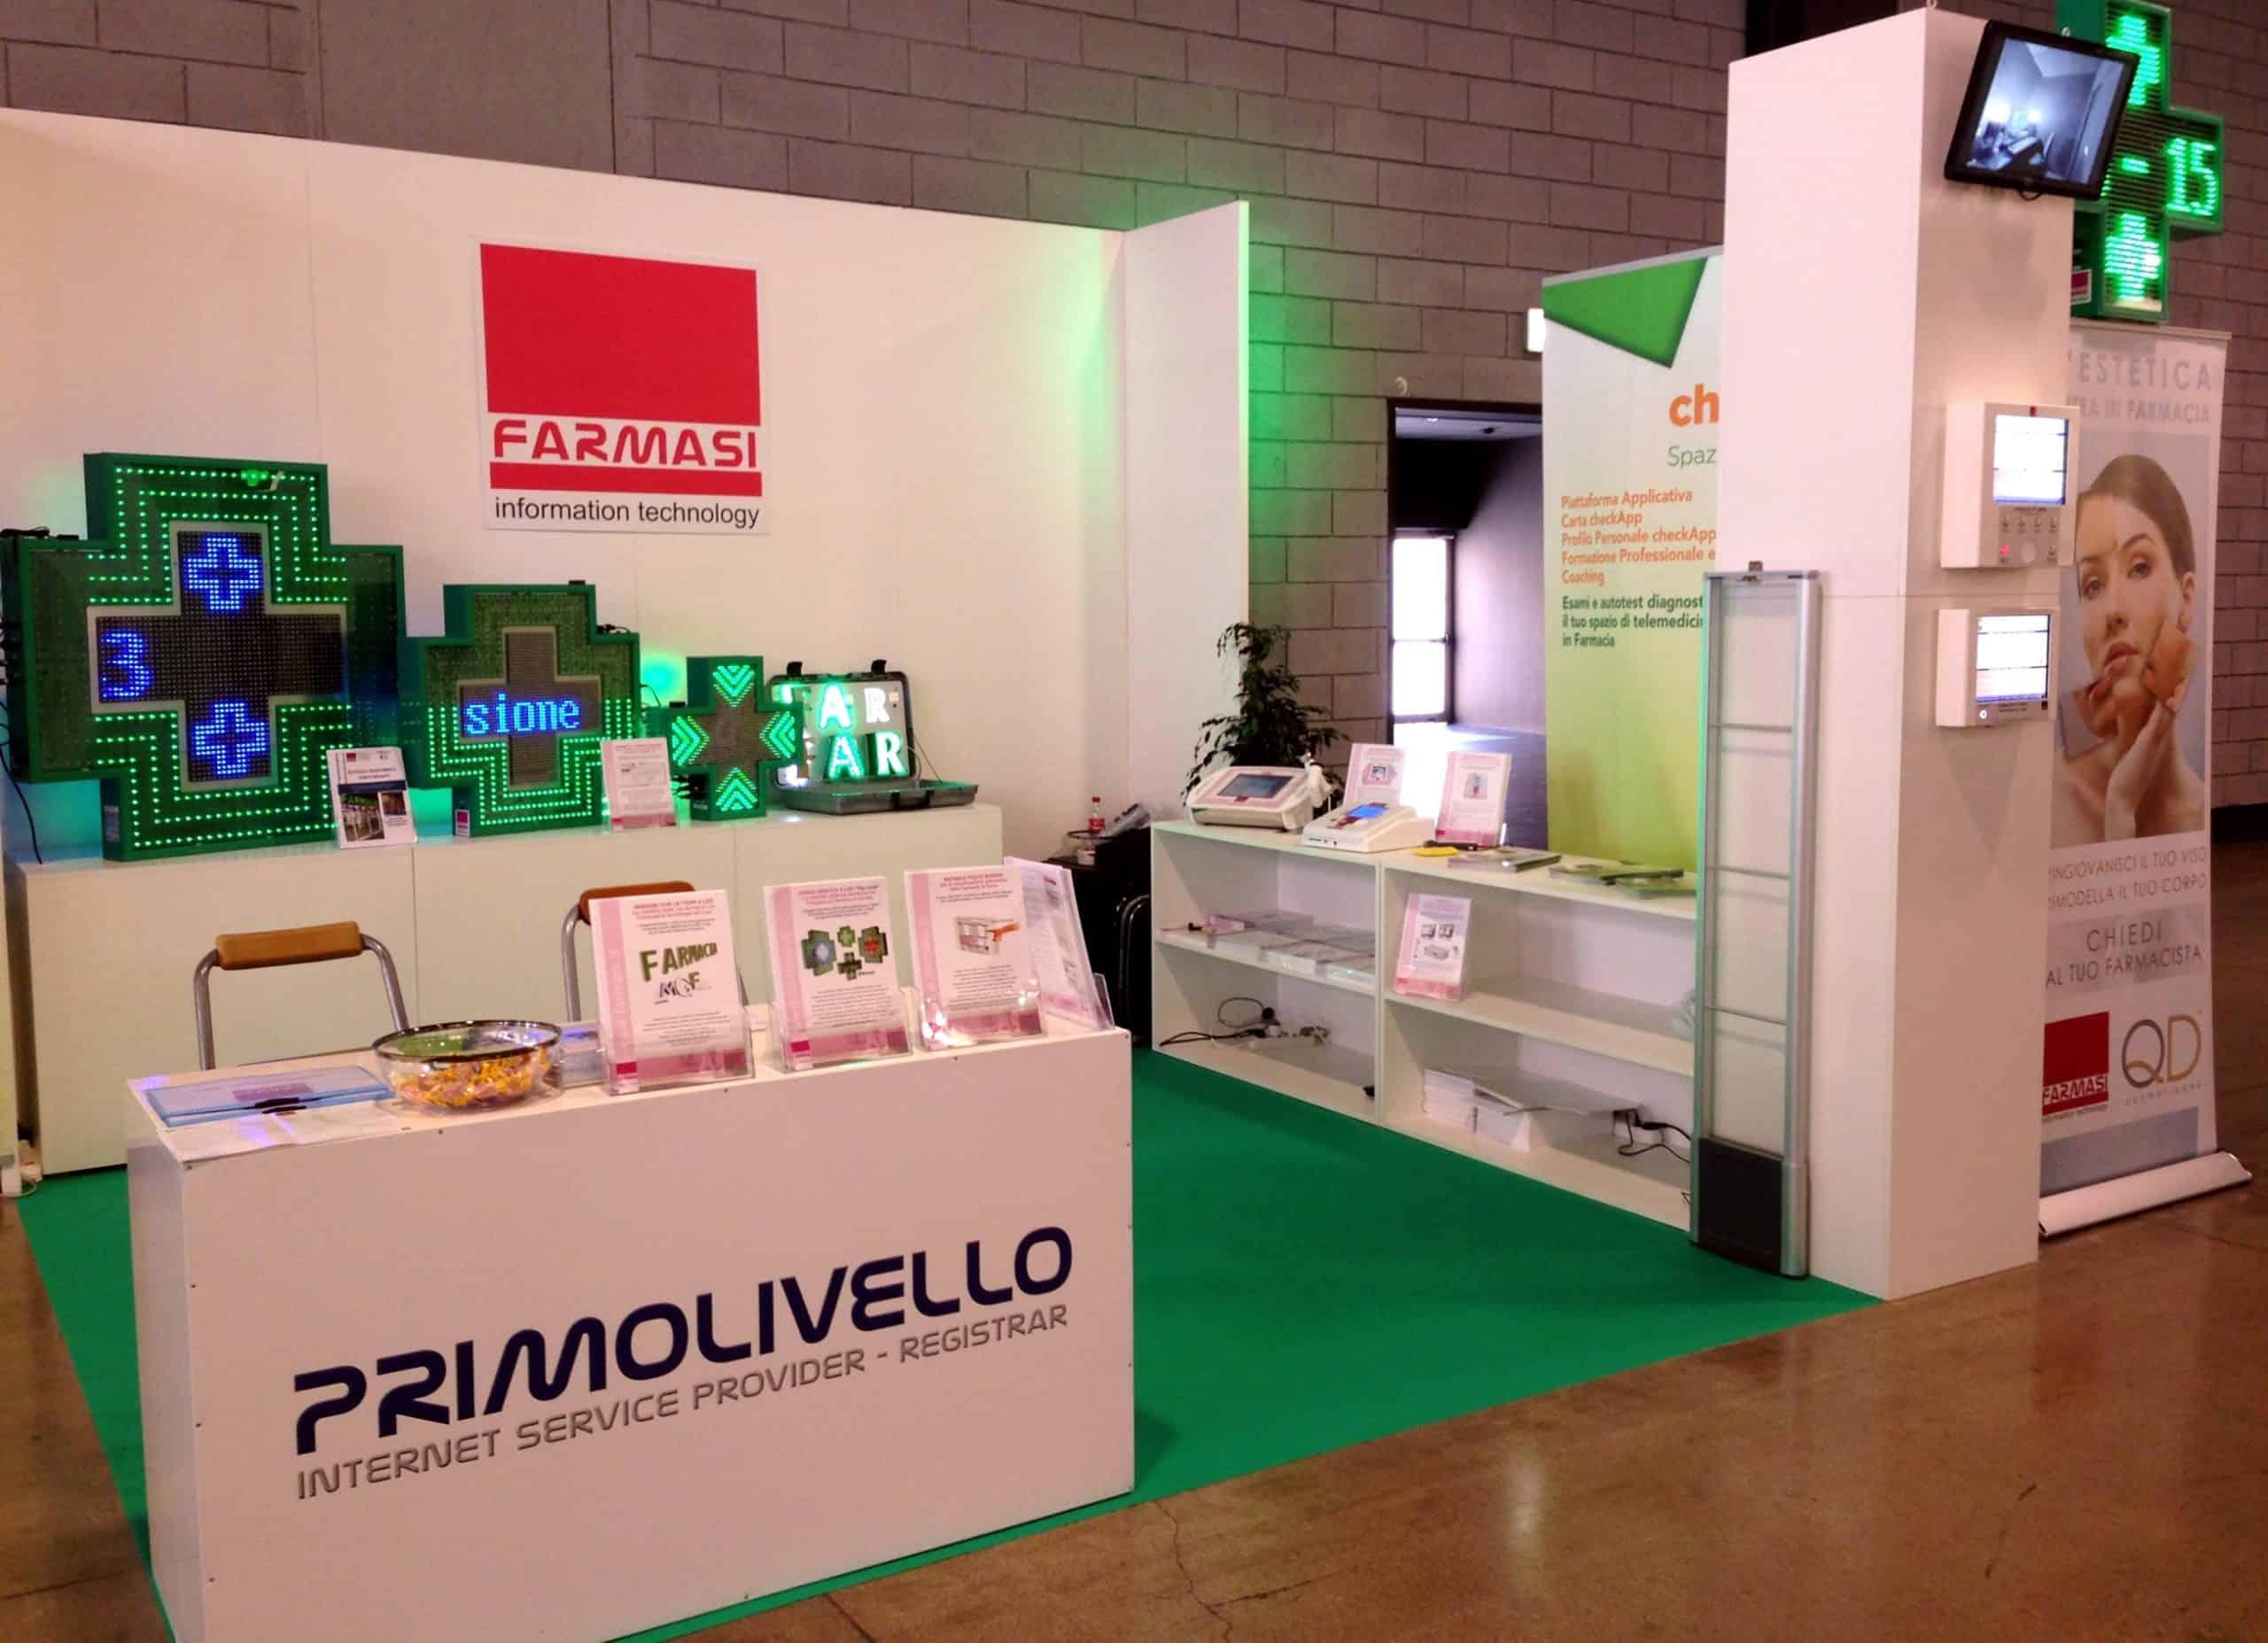 Farmasi a Pharma-IT a Vicenza dall'11 al 13 aprile